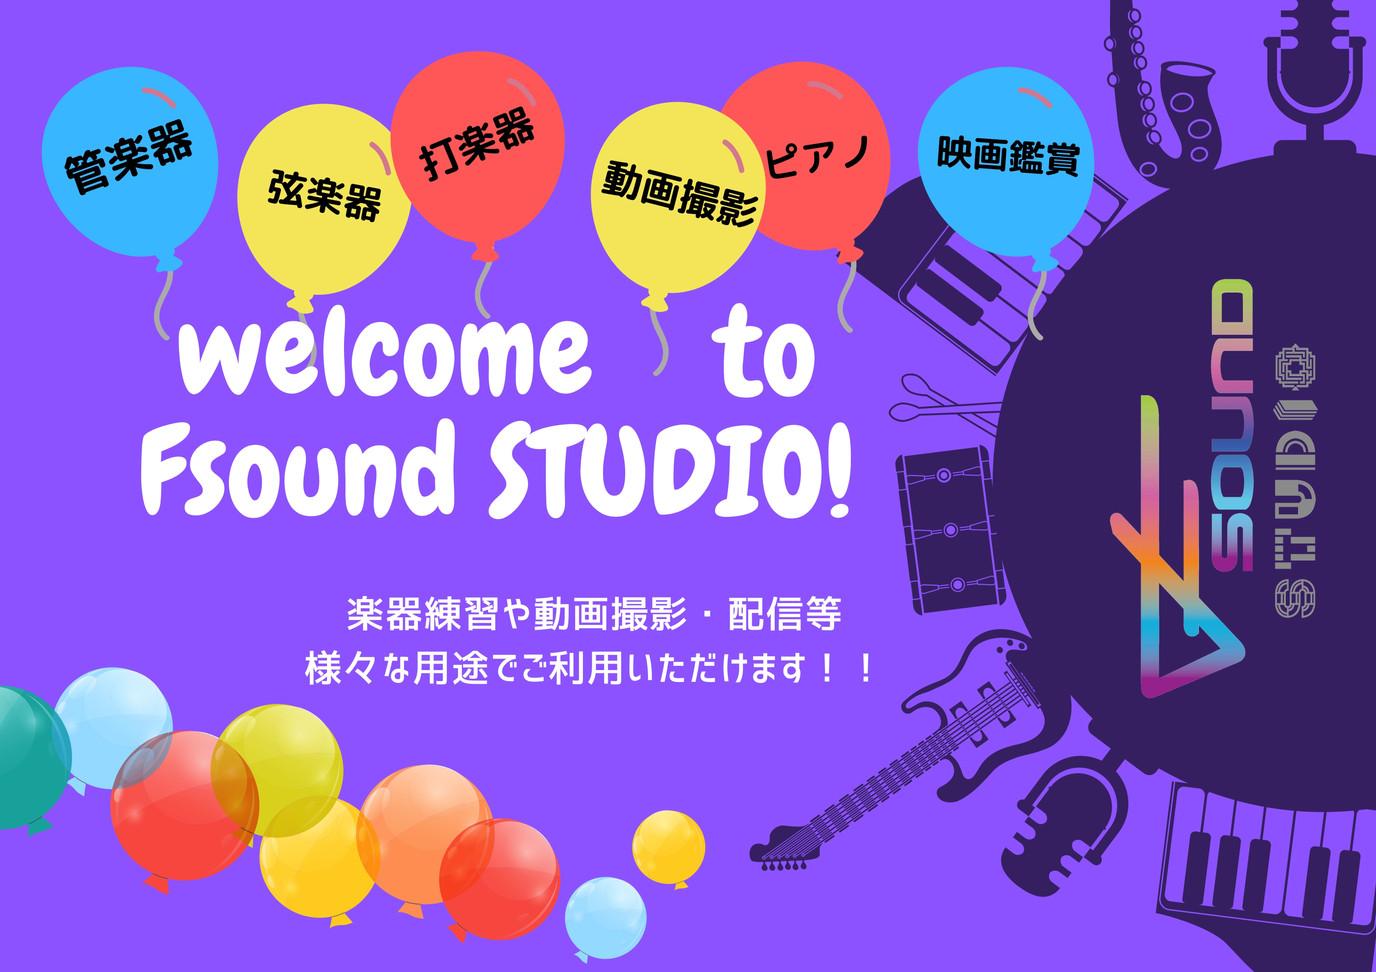 HP TOP studio用途.jpg